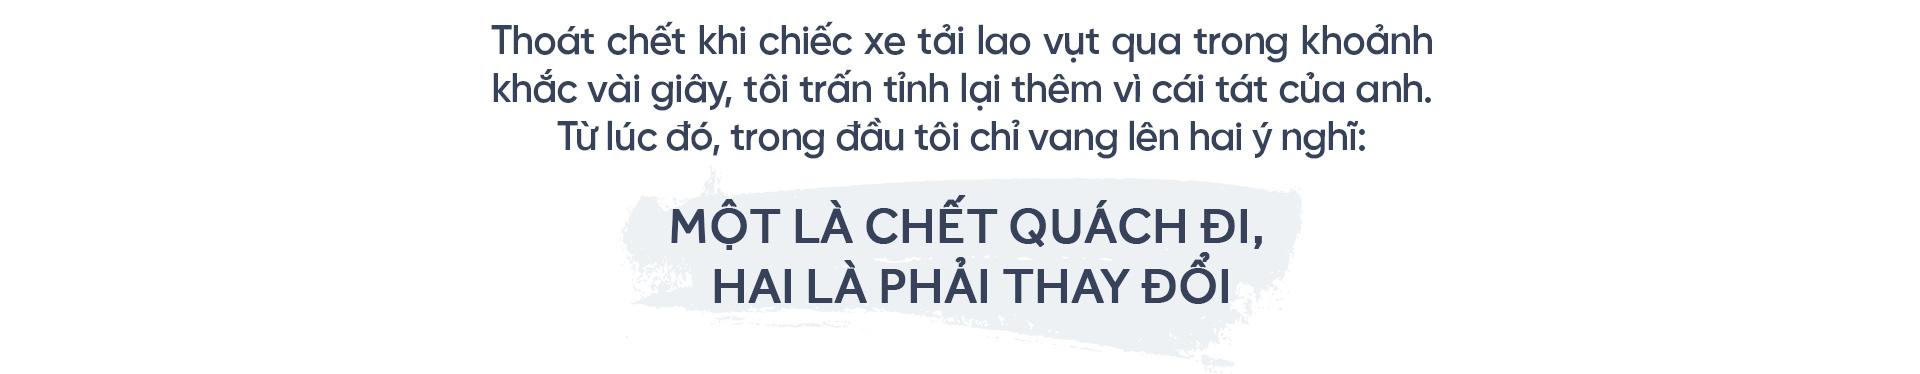 Nguyễn Thanh Đàm: Ở tận cùng đớn đau, là hi vọng - Ảnh 10.